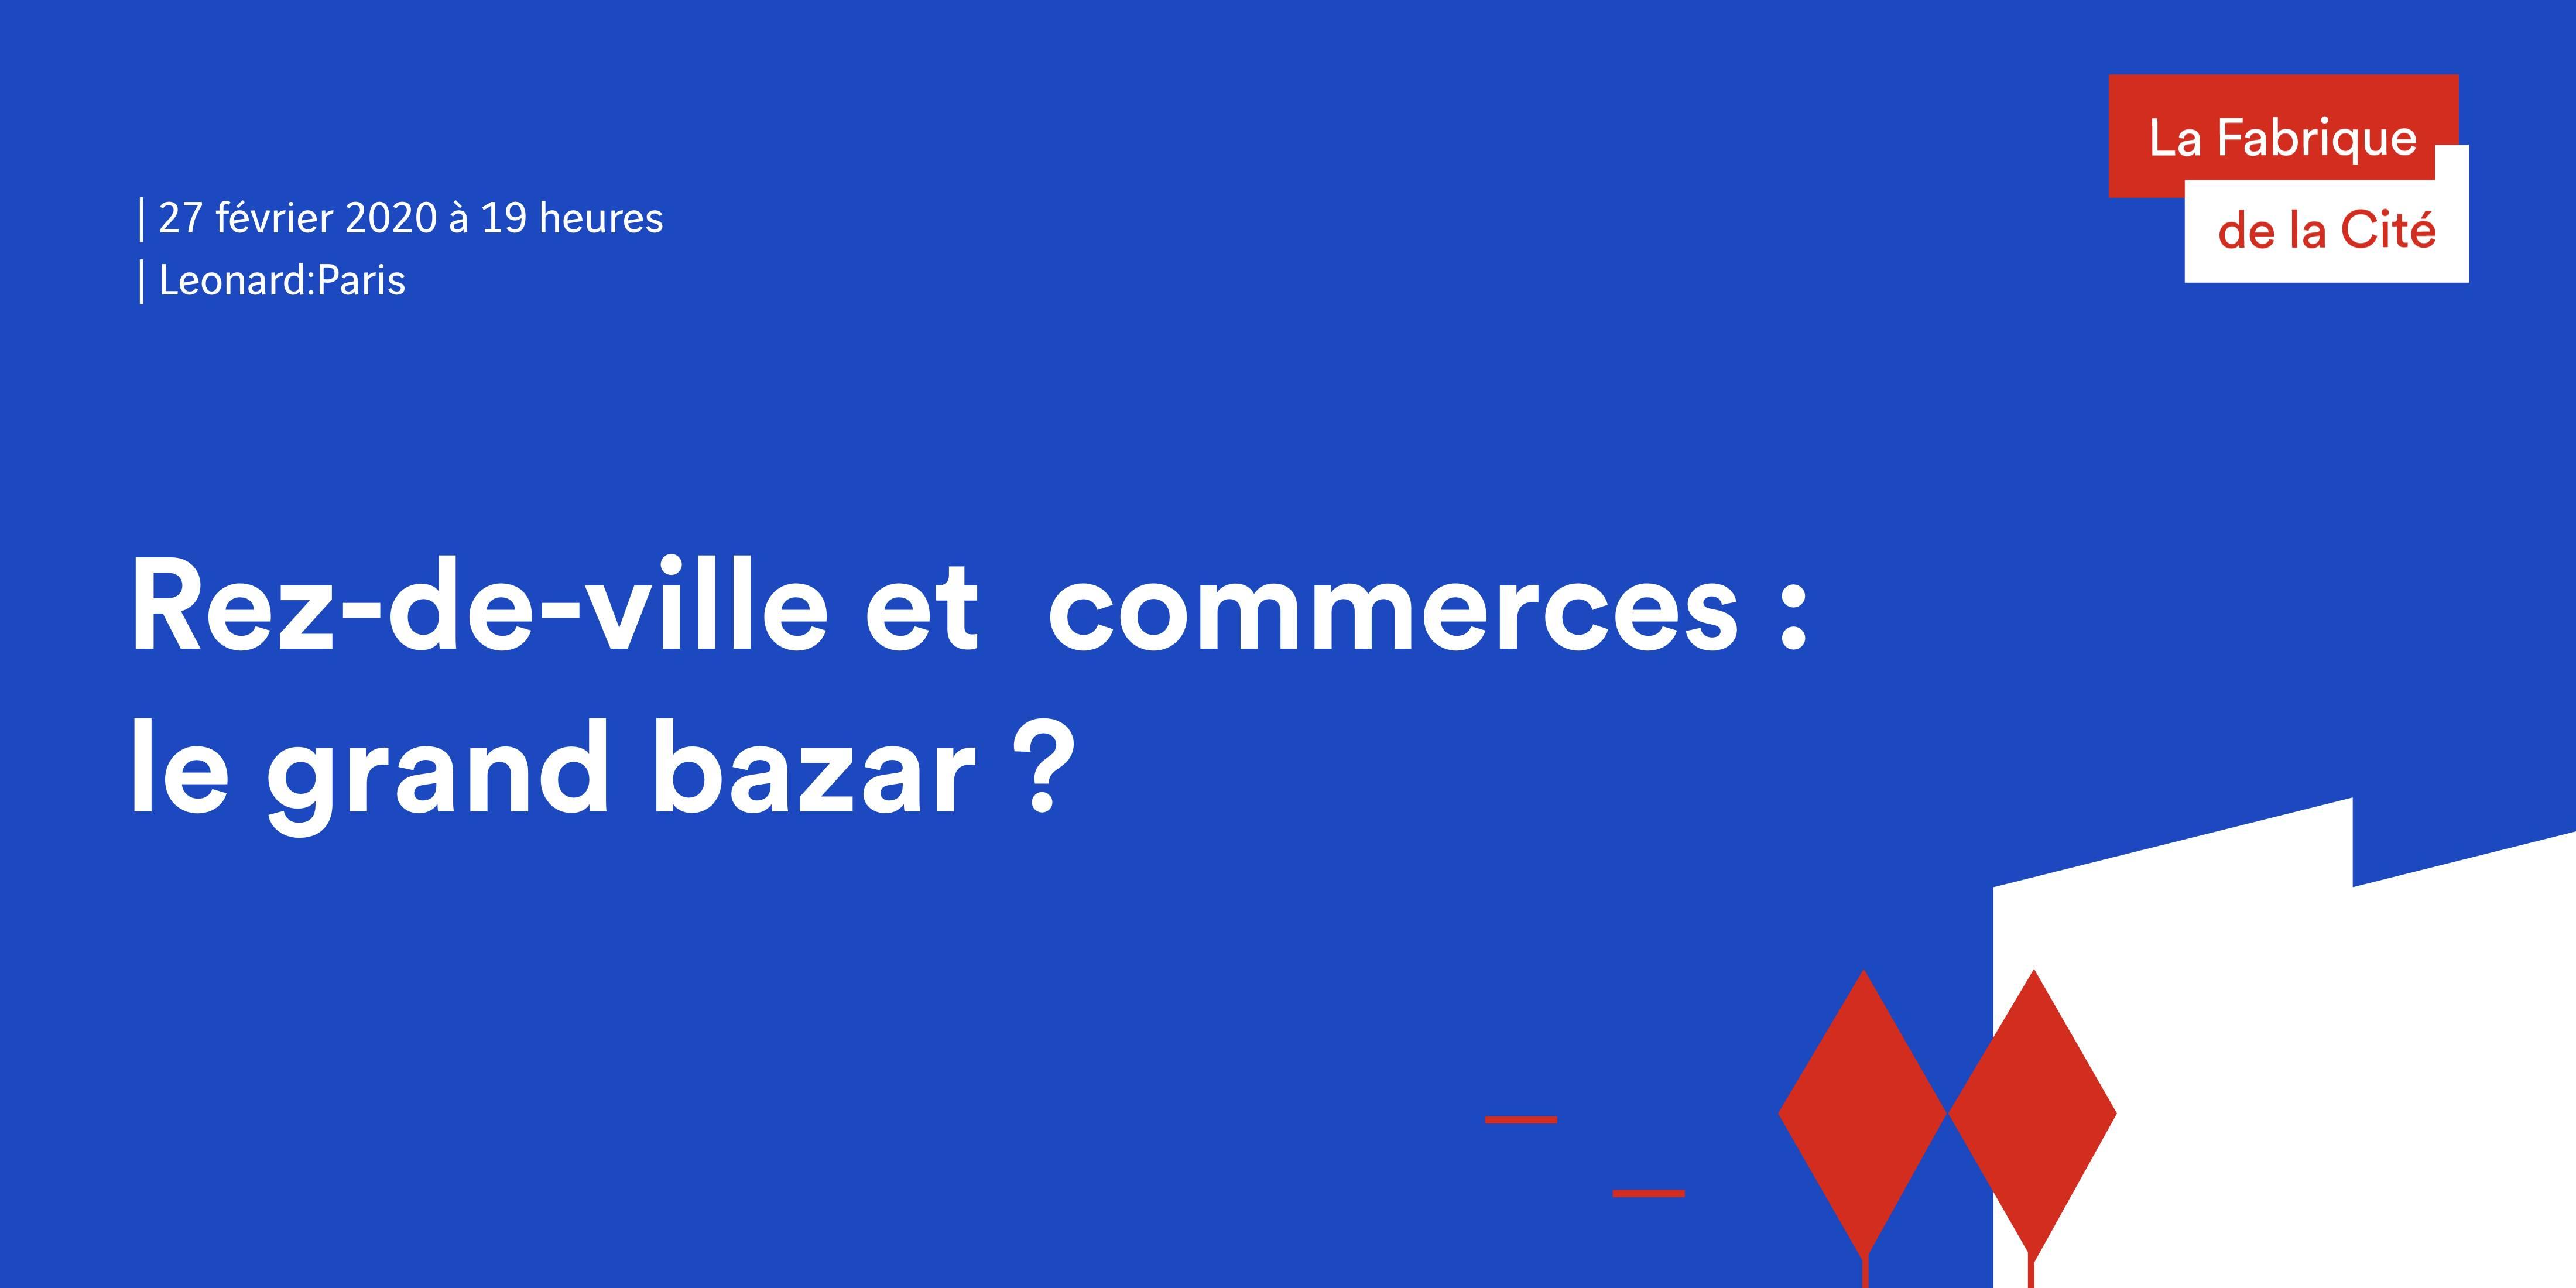 Rez-de-ville et commerces : le grand bazar ?